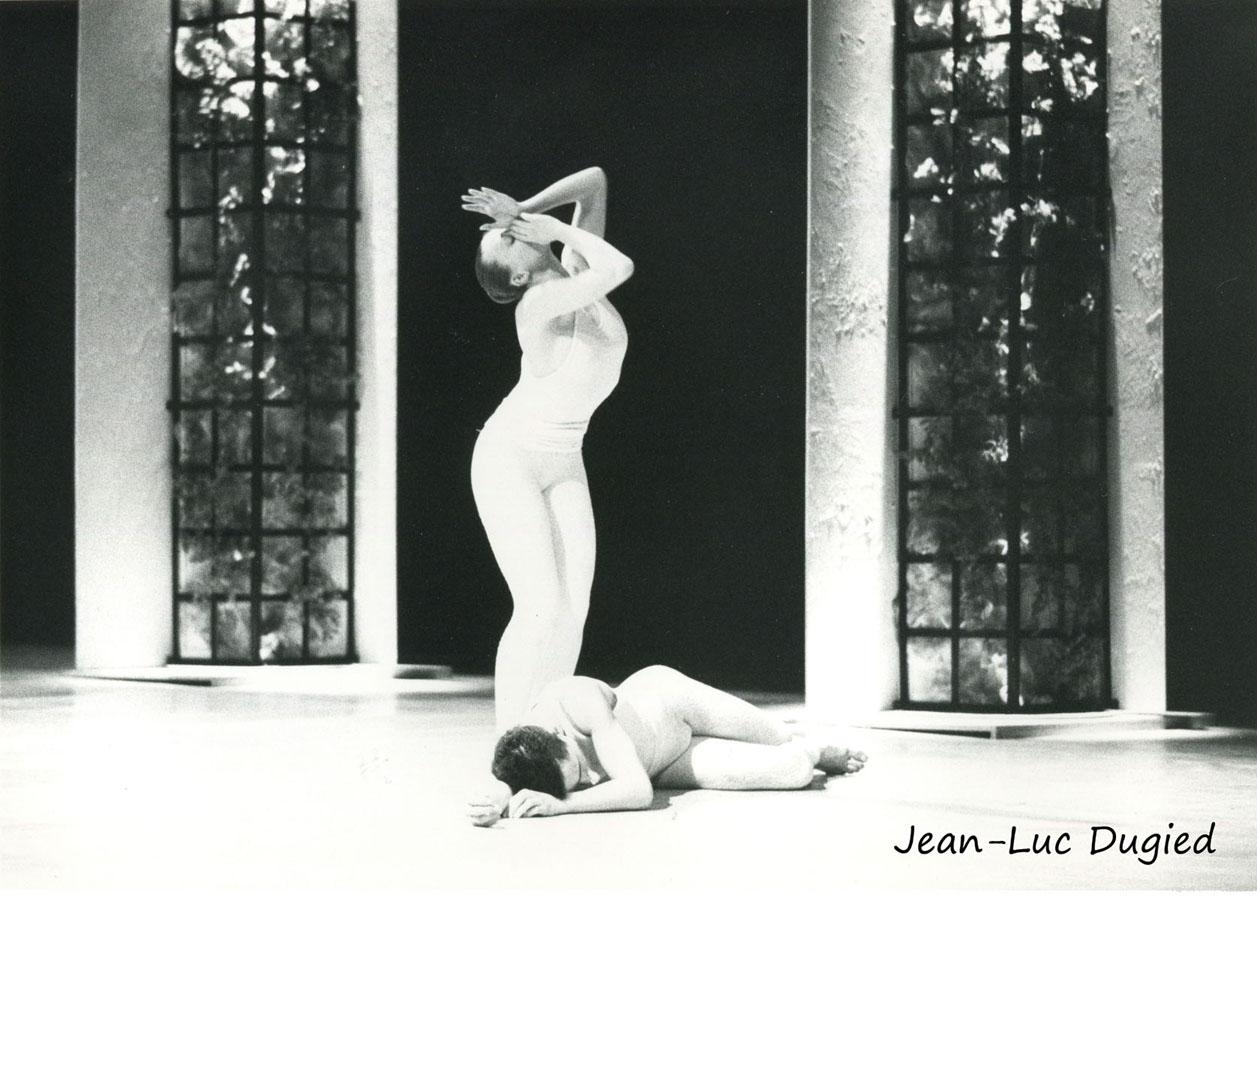 40 Maillot Jean-Christophe - le jardin jeu d'amour - Sophie Faudot - 1988